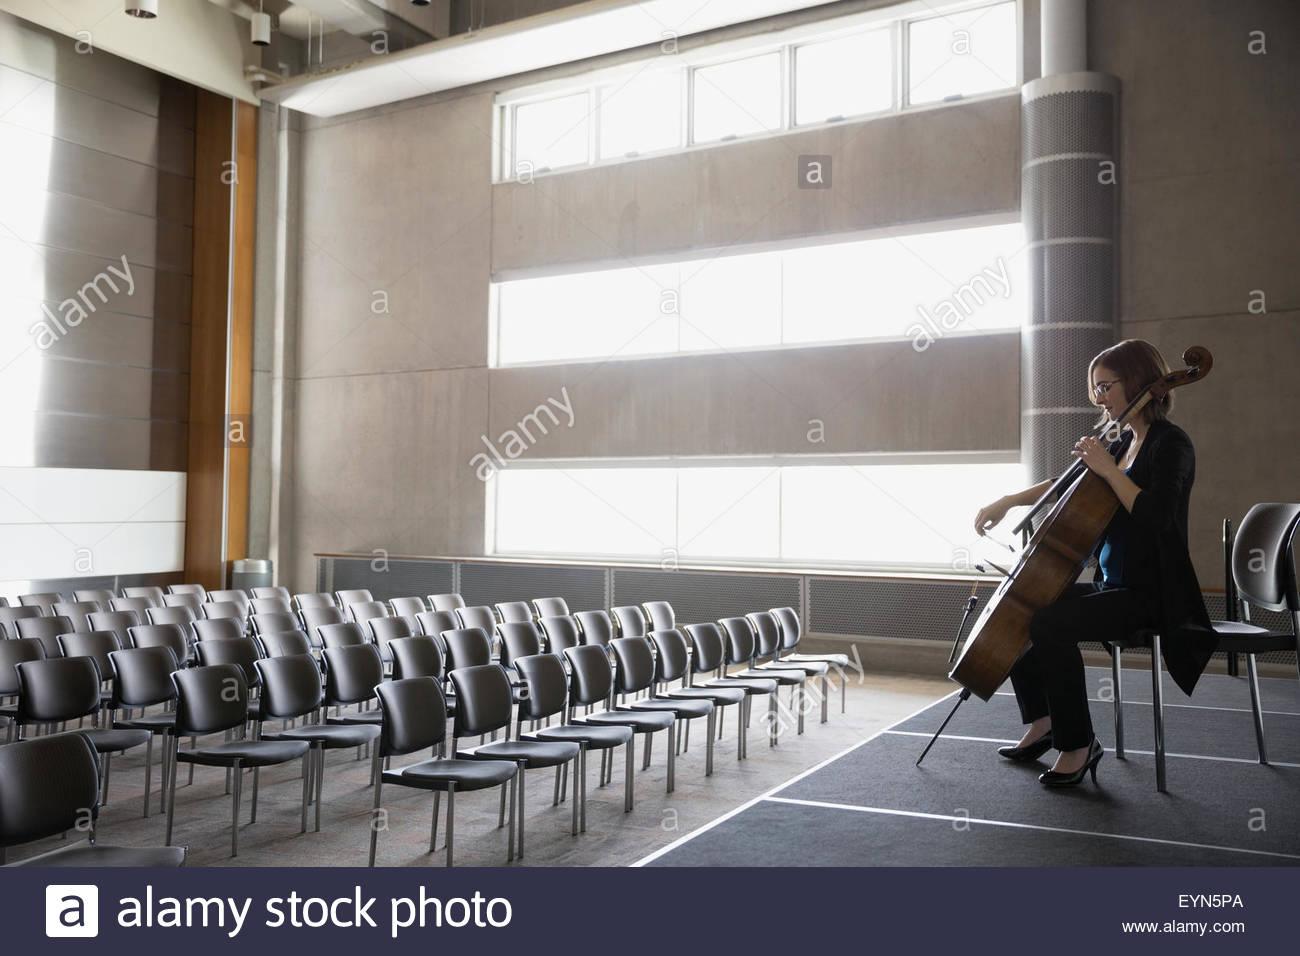 La violonchelista practicando en etapa femenina en el auditorio vacío Imagen De Stock